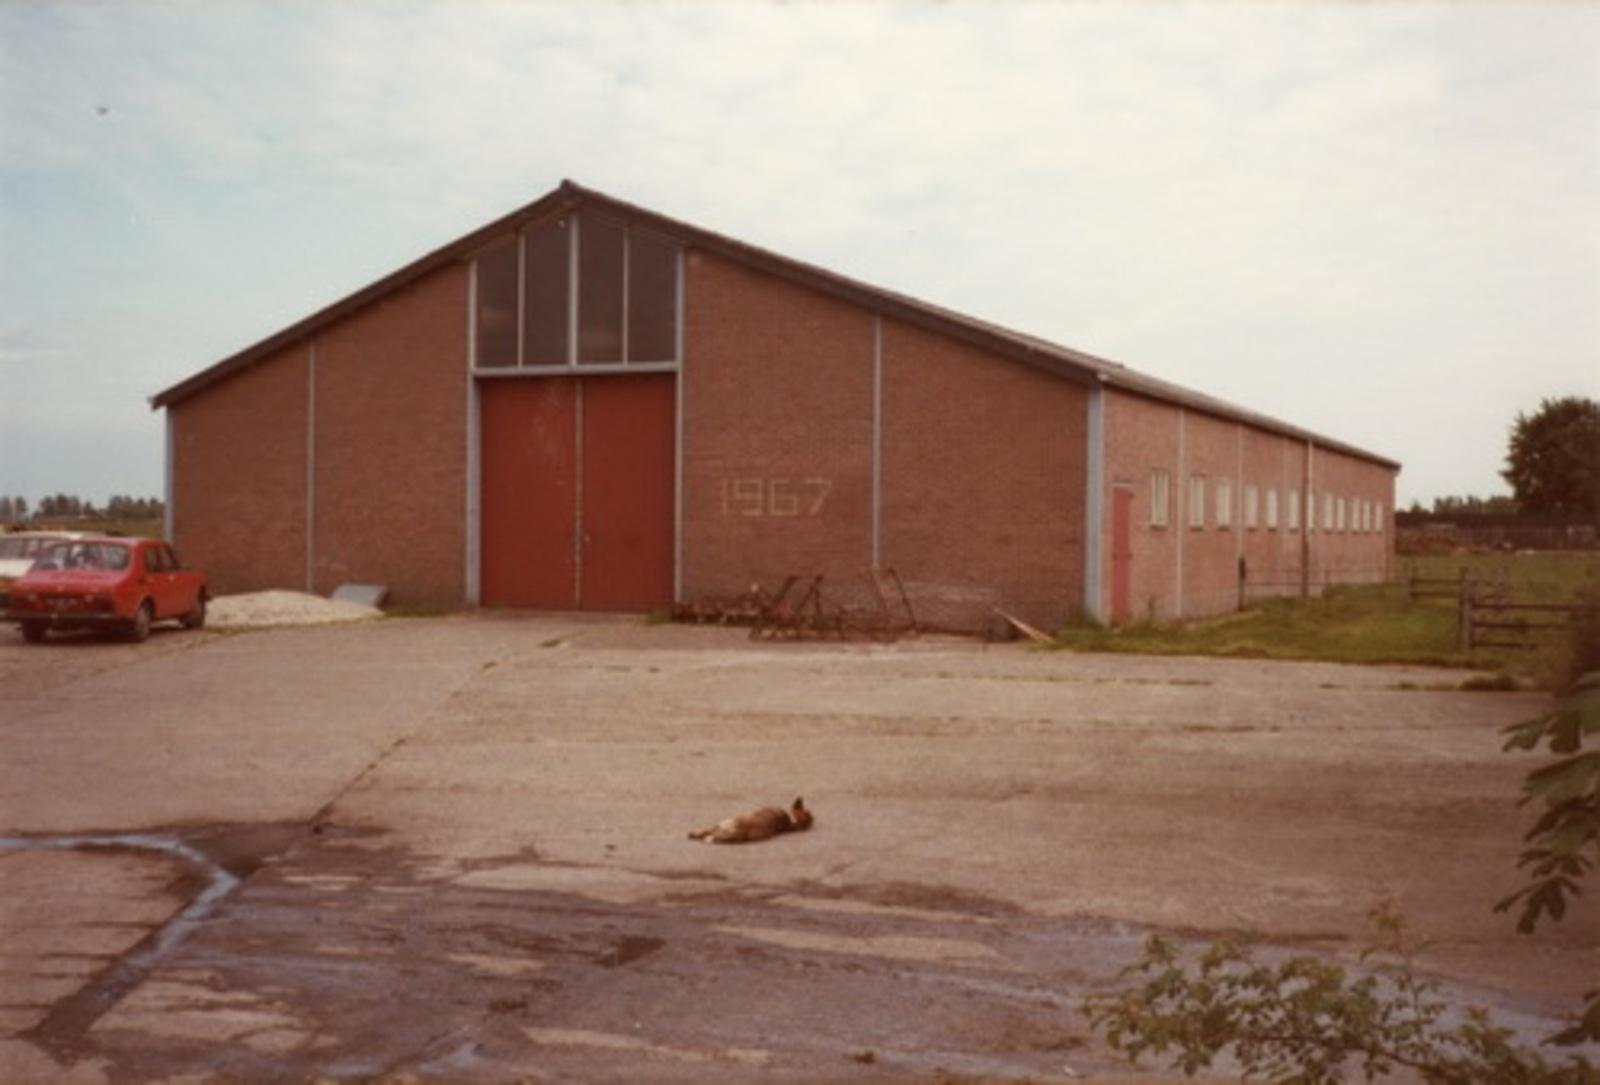 Vijfhuizerdijk 0125 1983 Loods A Ooms